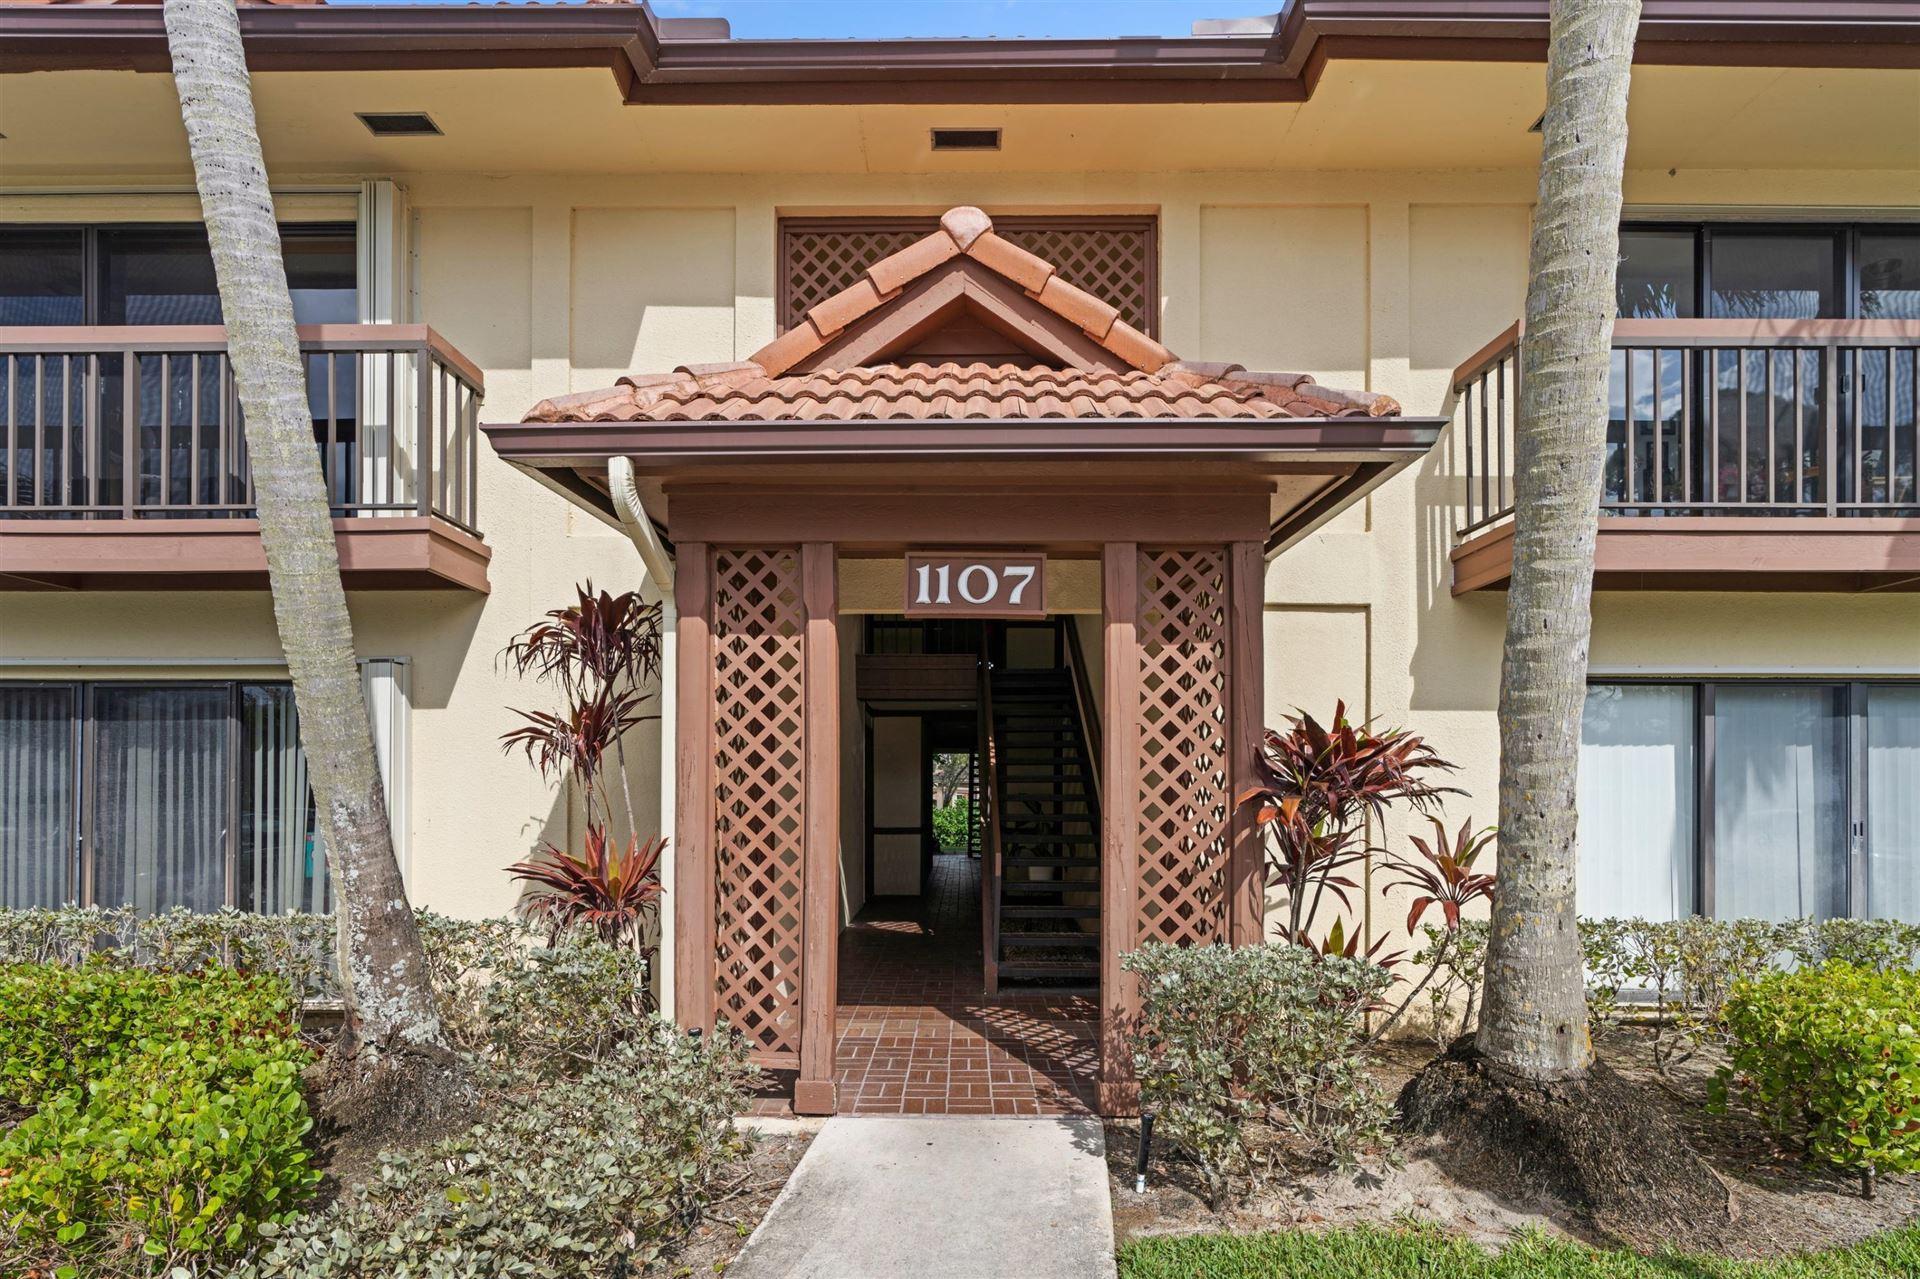 Photo of 1107 Duncan Circle #202, Palm Beach Gardens, FL 33418 (MLS # RX-10694216)